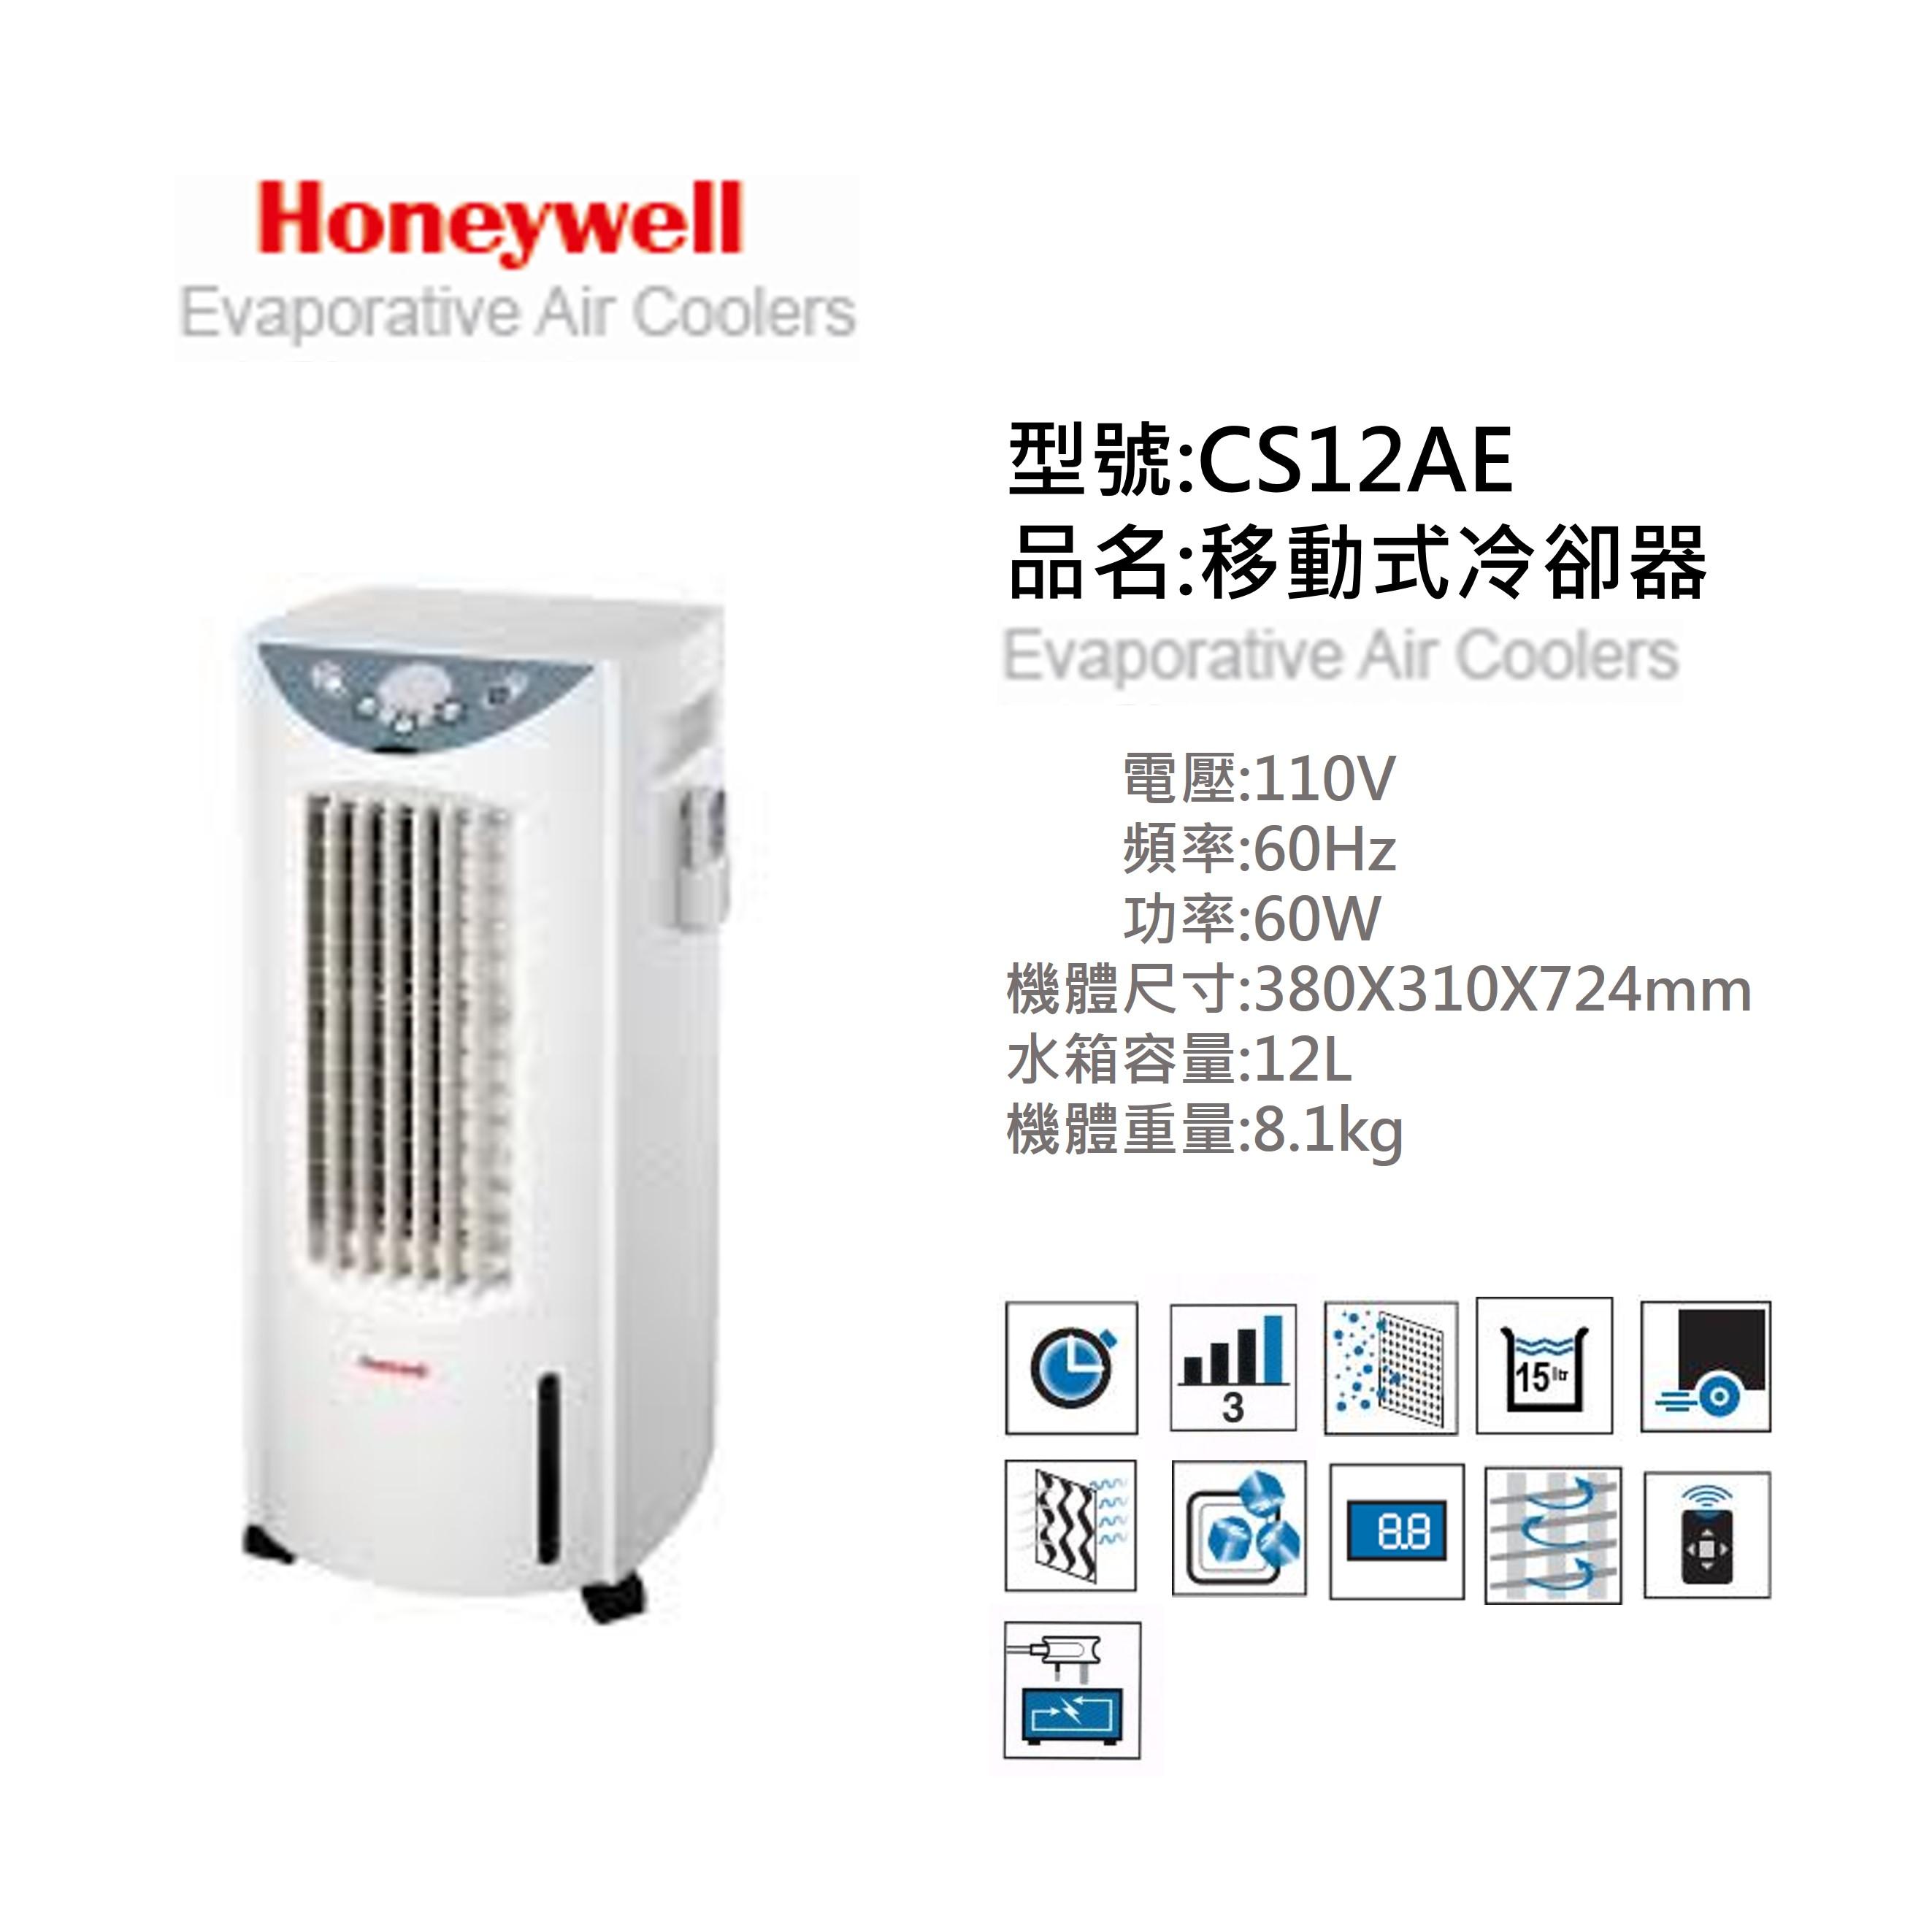 【Honeywell】3.5坪移動式水冷器CS12AE 福利品